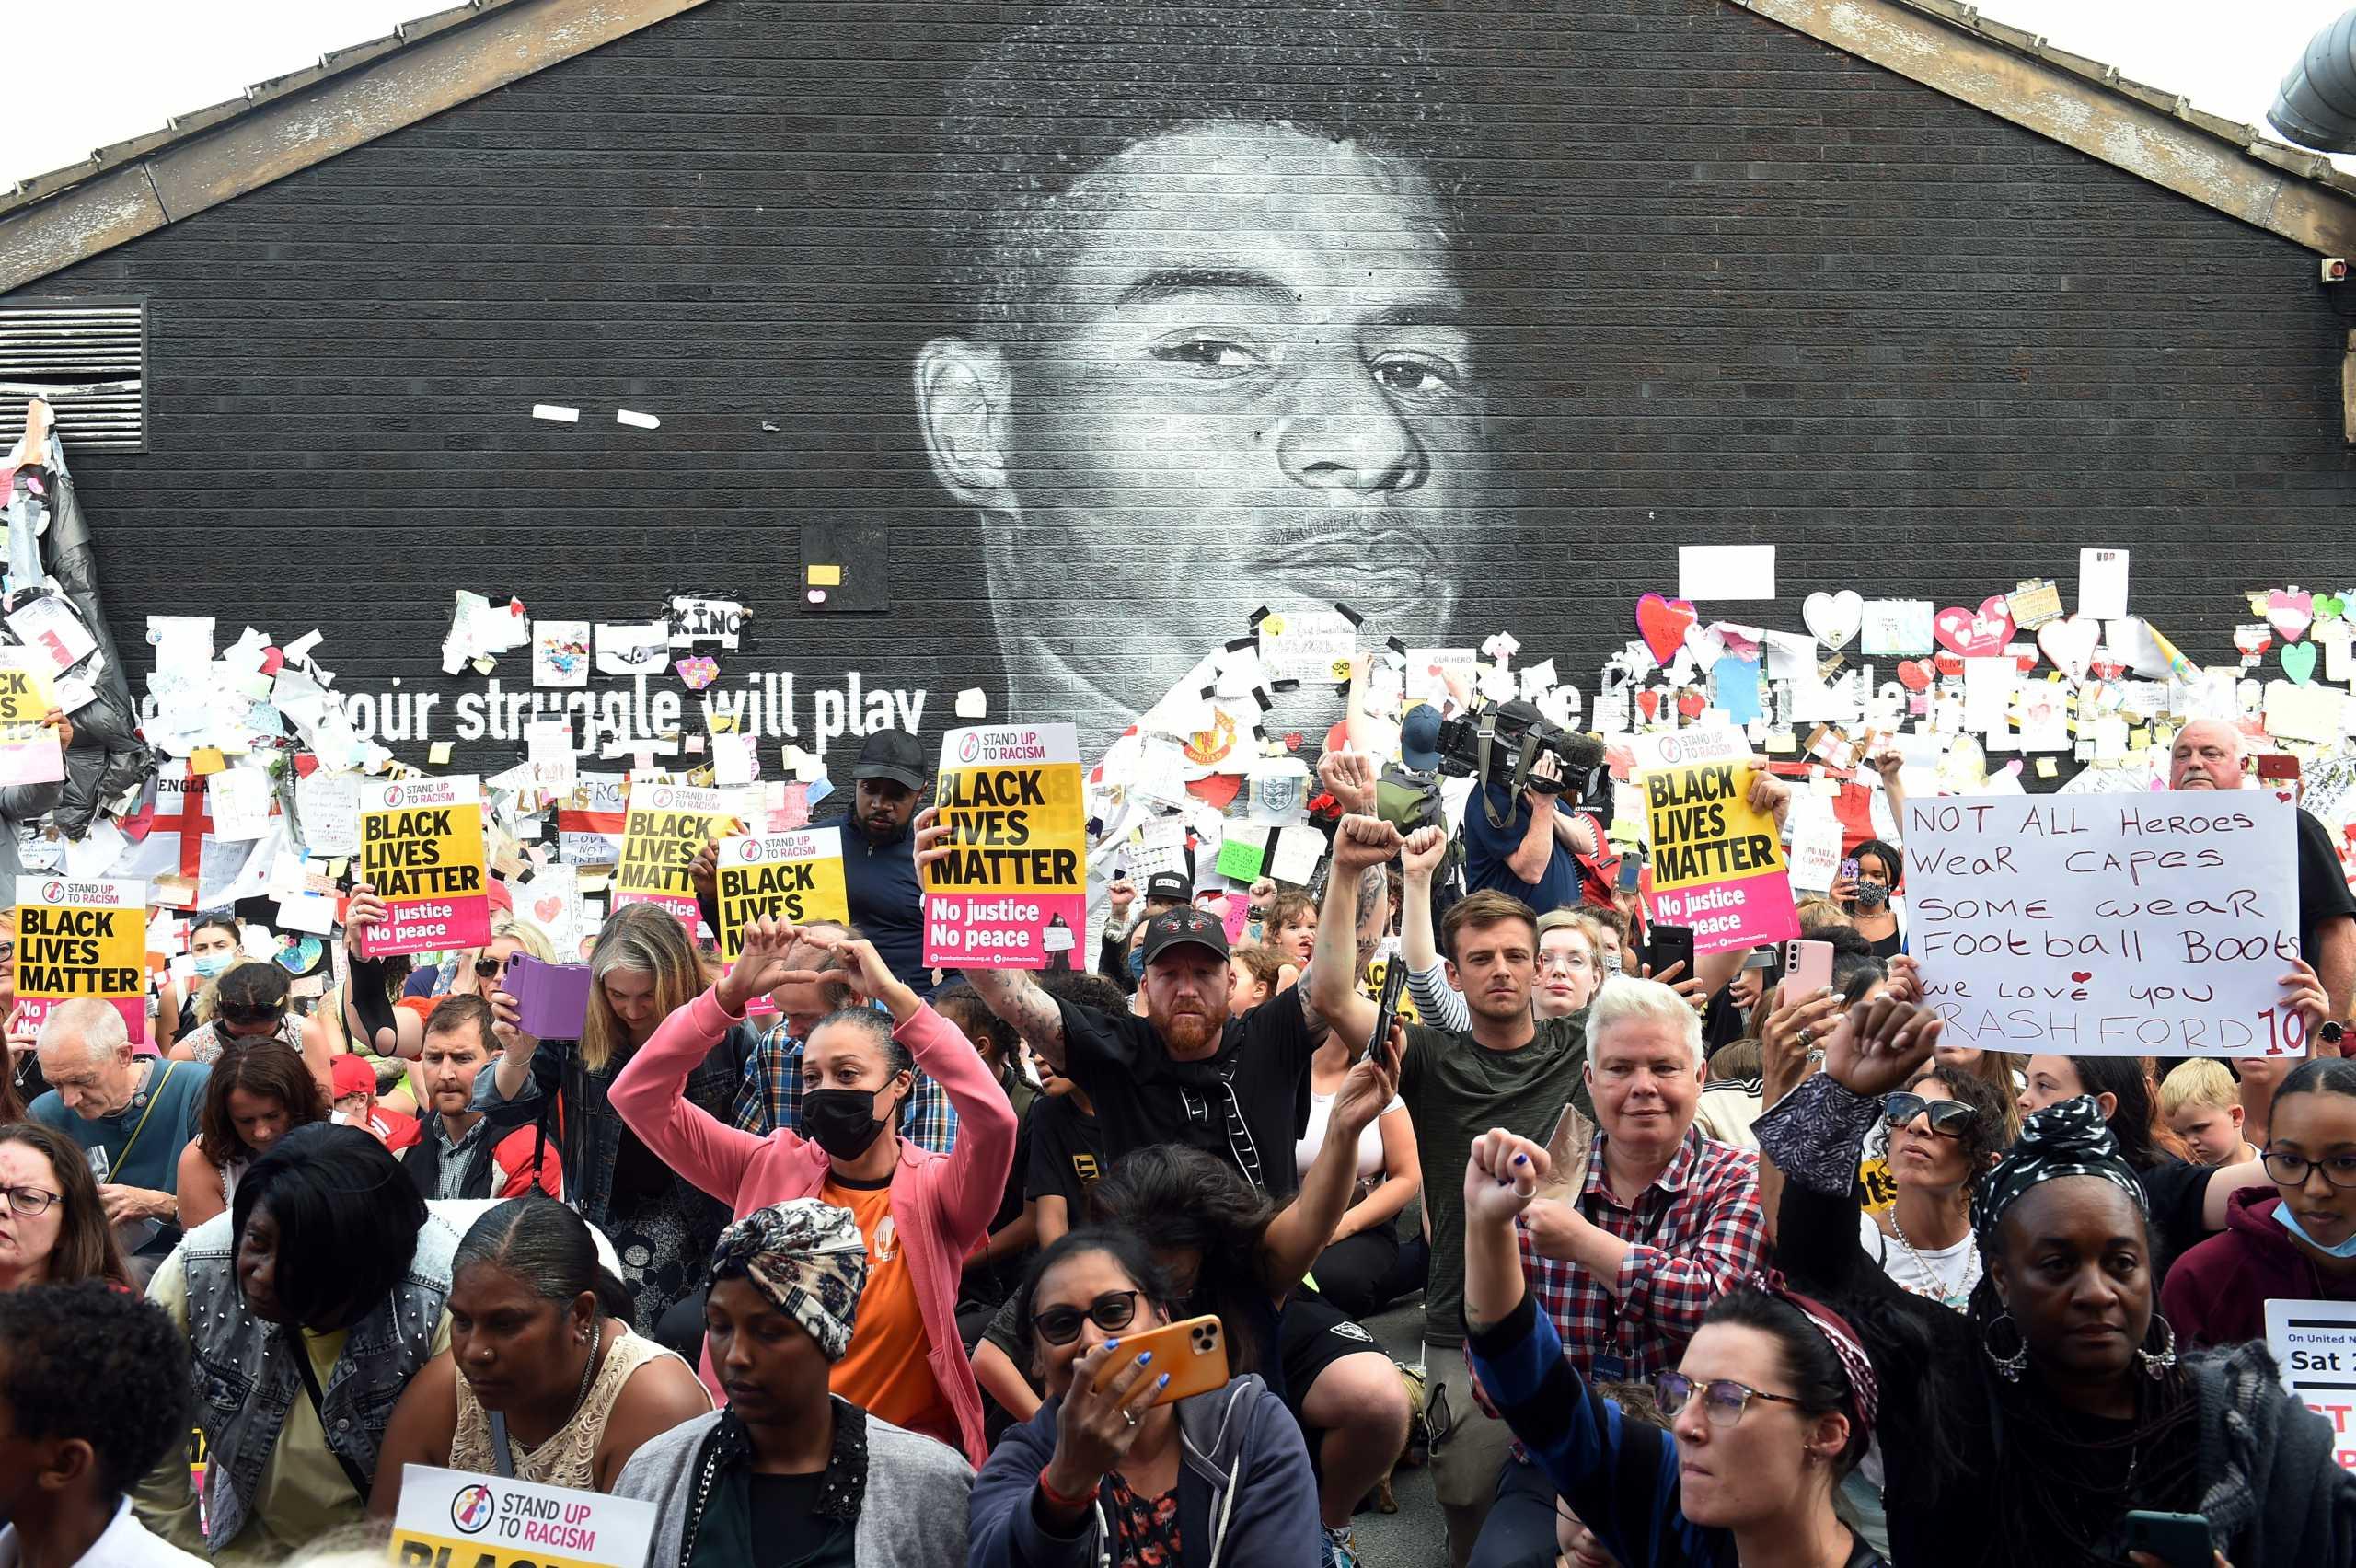 Μάρκους Ράσφορντ: Αντιρατσιστική πορεία μπροστά από την τοιχογραφία του